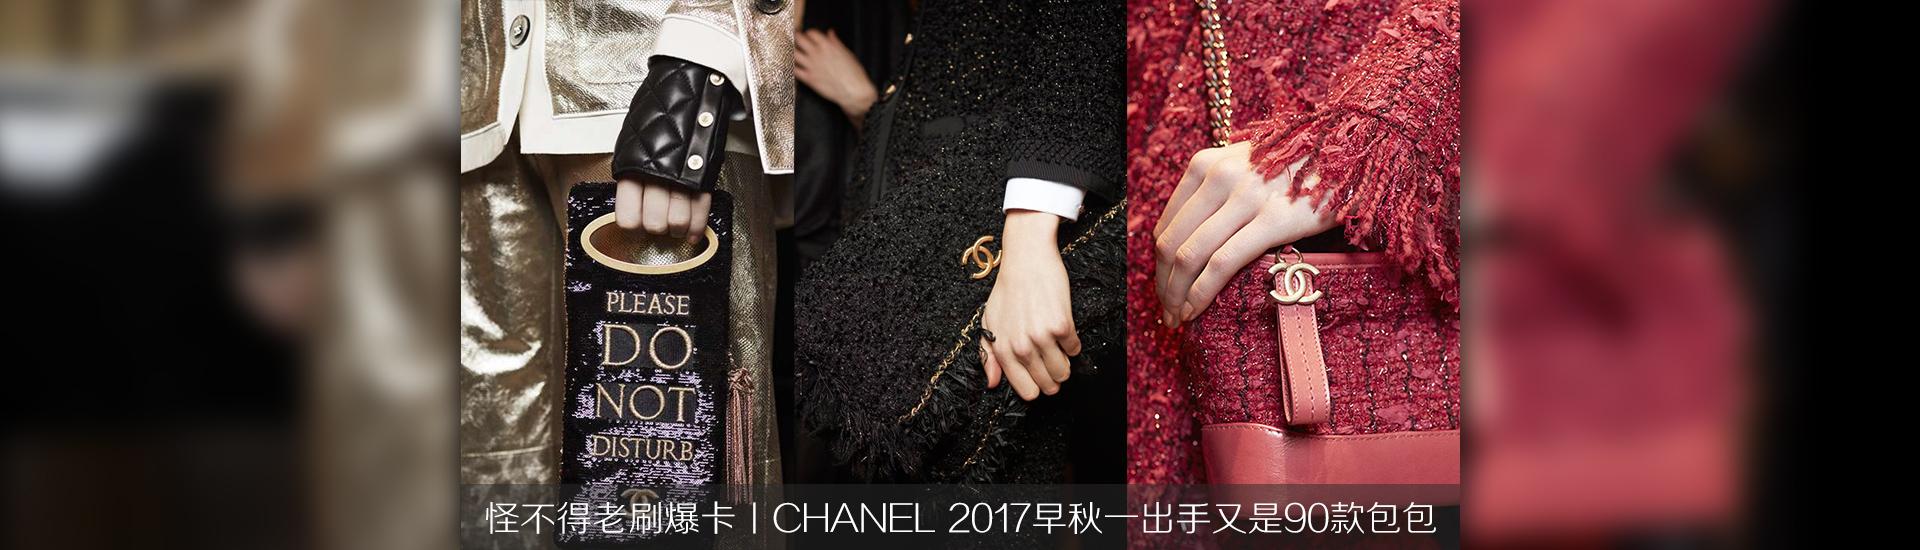 怪不得老刷爆卡丨Chanel2017早秋一出手又是90款包包